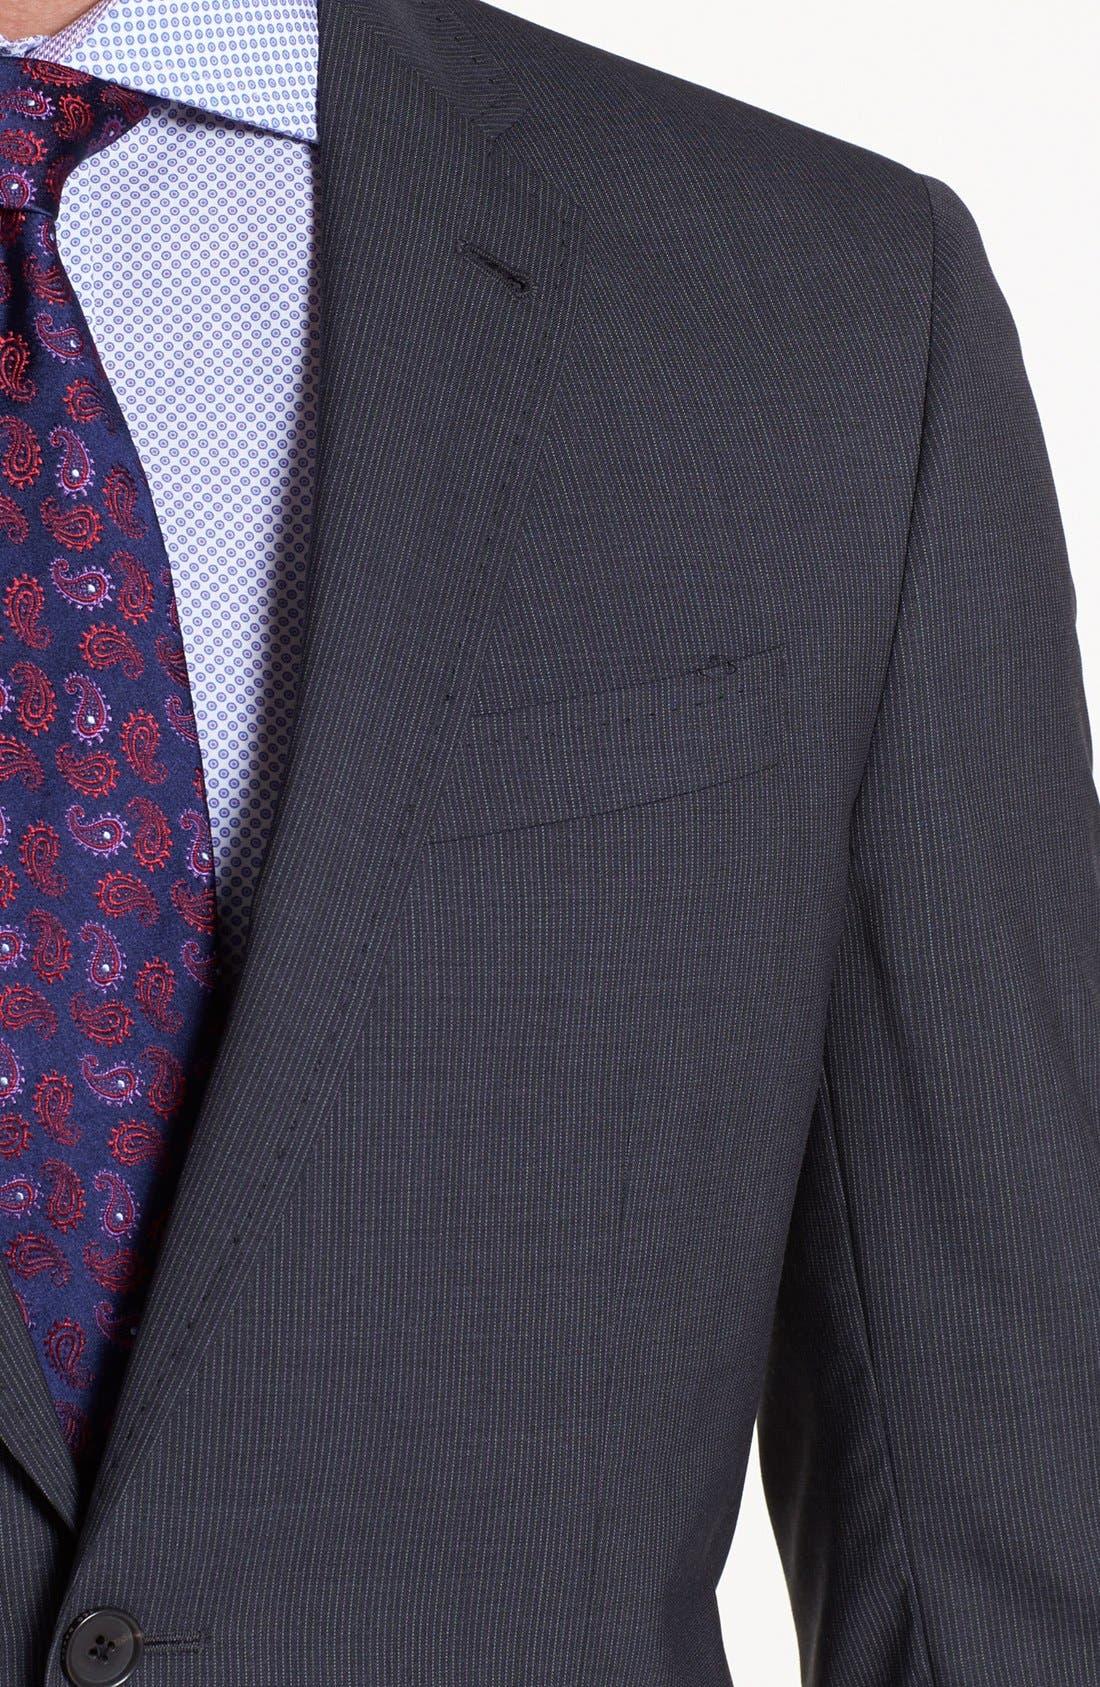 Alternate Image 2  - Ted Baker London 'Jim' Pinstripe Wool Suit